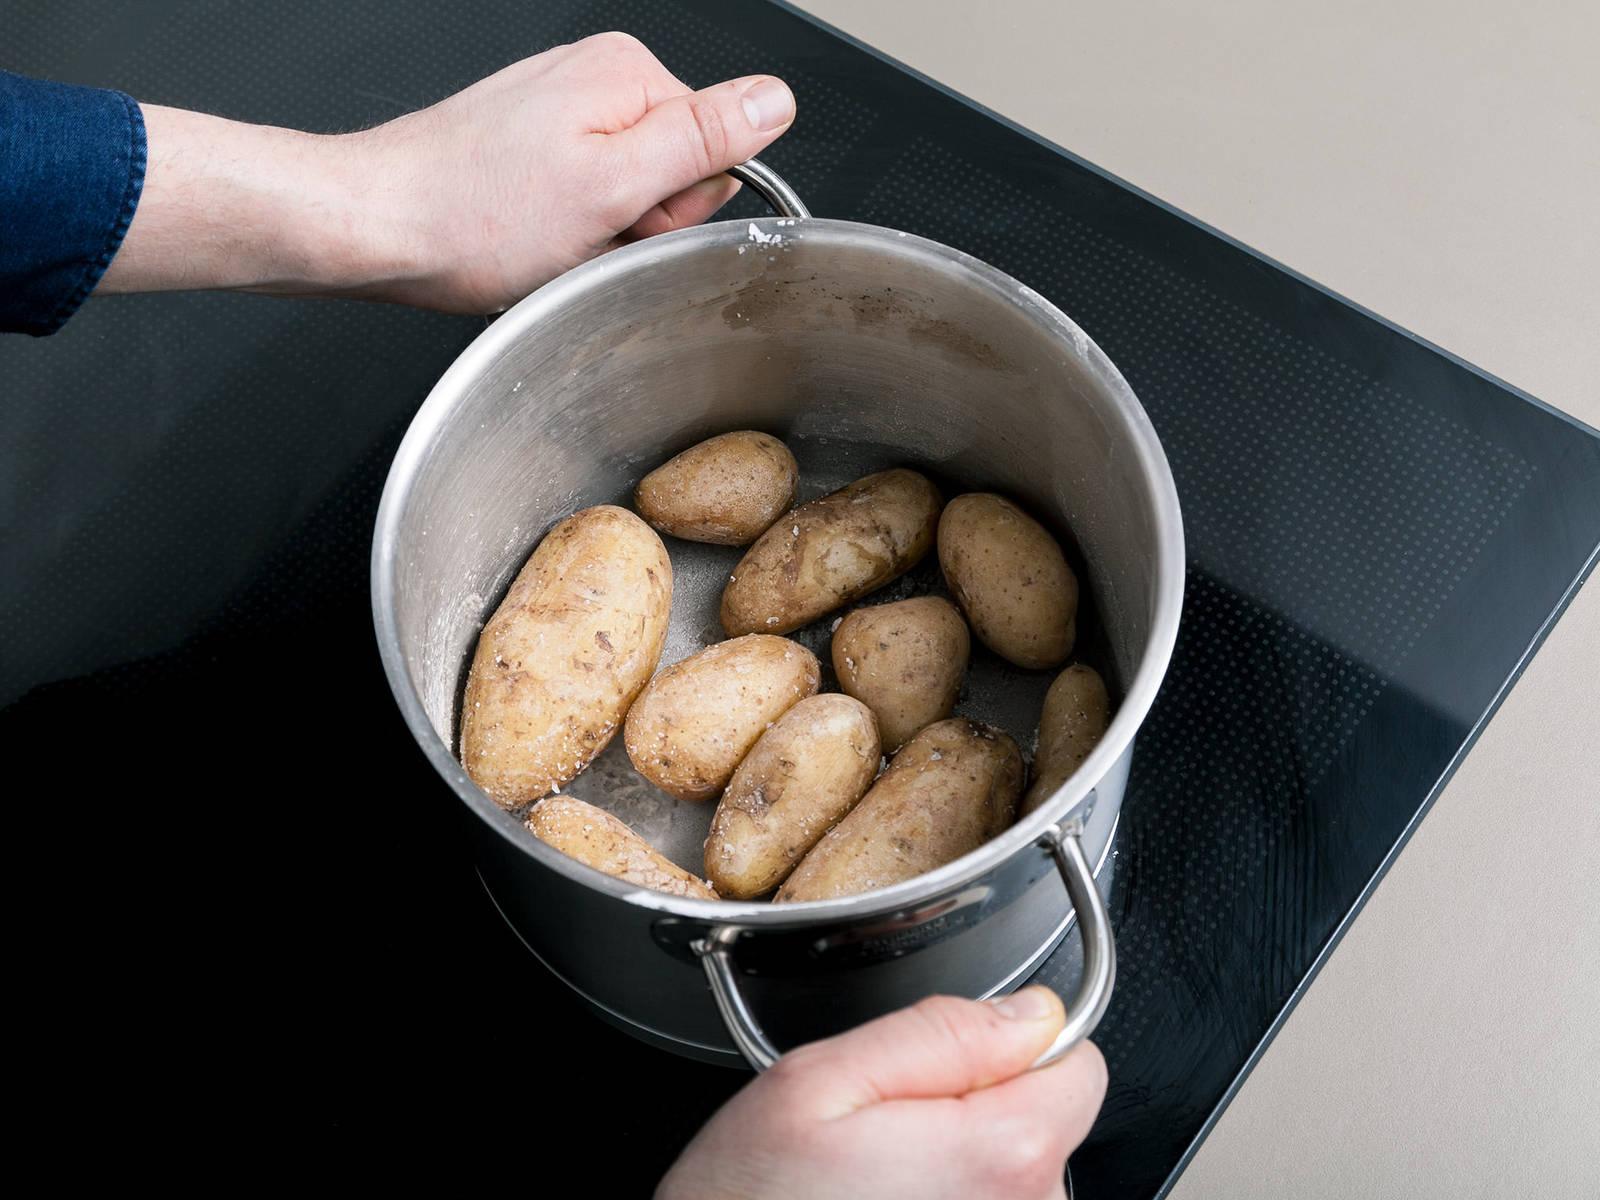 Das Wasser aus dem Topf fast vollständig abgießen, sodass noch ein kleiner Rest bleibt. Die Kartoffeln im Topf ohne Deckel erhitzen, bis das Wasser verdampft. Den Topf dabei ab und zu schwenken. Auf diese Weise bekommen die Kartoffeln ihre typische Salzkruste.